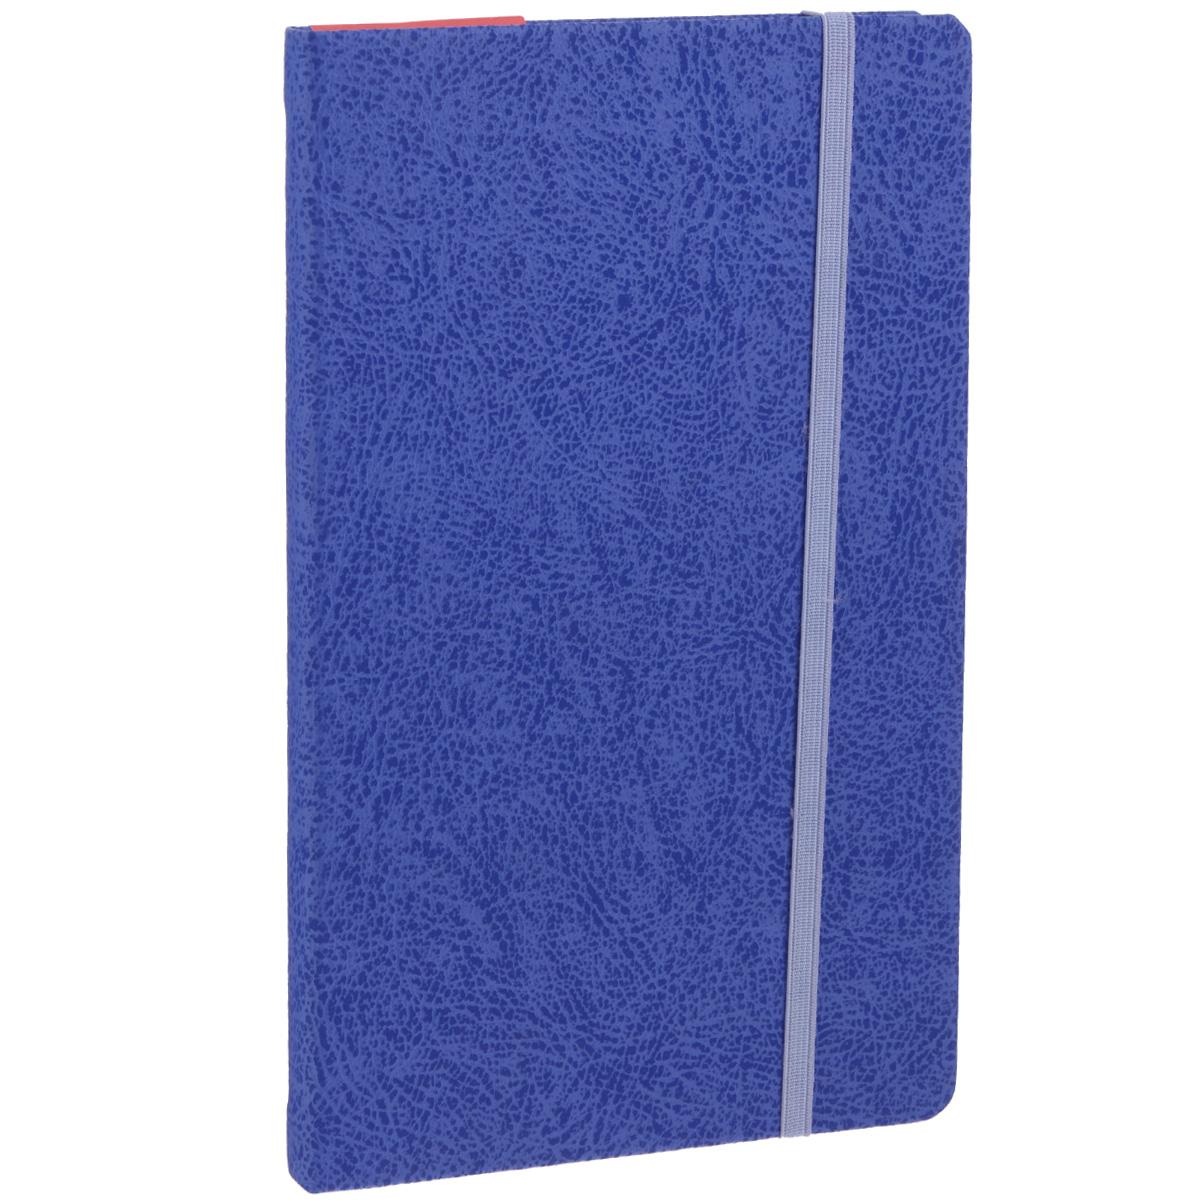 Записная книжка Erich Krause Perfect, цвет: синий, 96 листов36769Записная книжка Erich Krause Perfect - это дополнительный штрих к вашему имиджу. Демократичная в своем содержании, книжка может быть использована не только для личных пометок и записей, но и как недатированный ежедневник. Надежная твердая обложка из плотного картона с тиснением под кожу сохранит ее в аккуратном состоянии на протяжении всего времени использования. Плотная в линейку бумага белого цвета, закладка-ляссе, практичные скругленные углы, эластичная петелька для ручки и внутренний бумажный карман на задней обложке - все это обеспечит вам истинное удовольствие от письма. В начале книжки имеется страничка для заполнения личных данных владельца, четыре страницы для заполнения адресов, телефонов и интернет-почты и четыре страницы для заполнения сайтов и ссылок. Благодаря небольшому формату книжку легко взять с собой. Записная книжка плотно закрывается при помощи фиксирующей резинки.